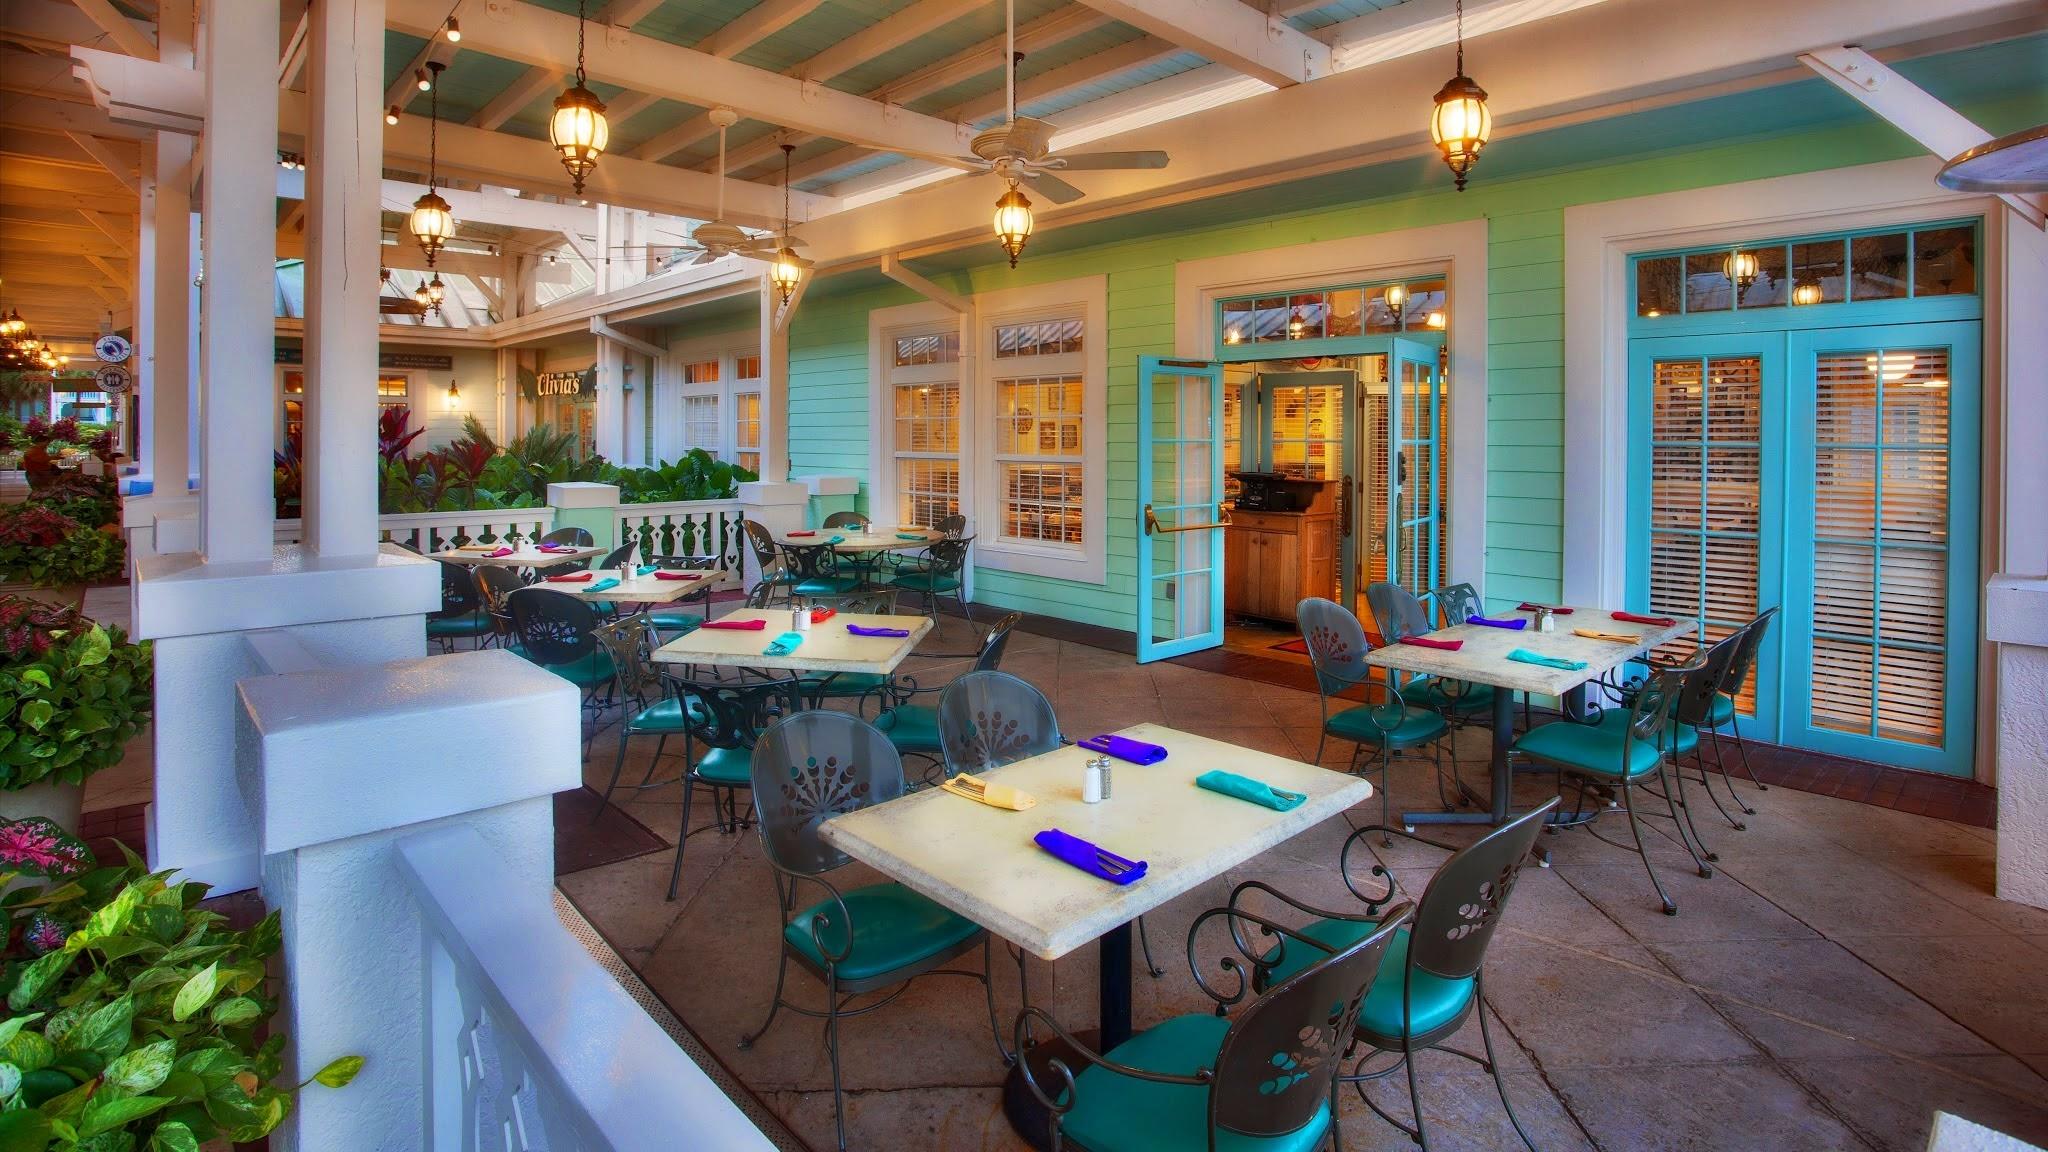 Olivia's Cafe image 6